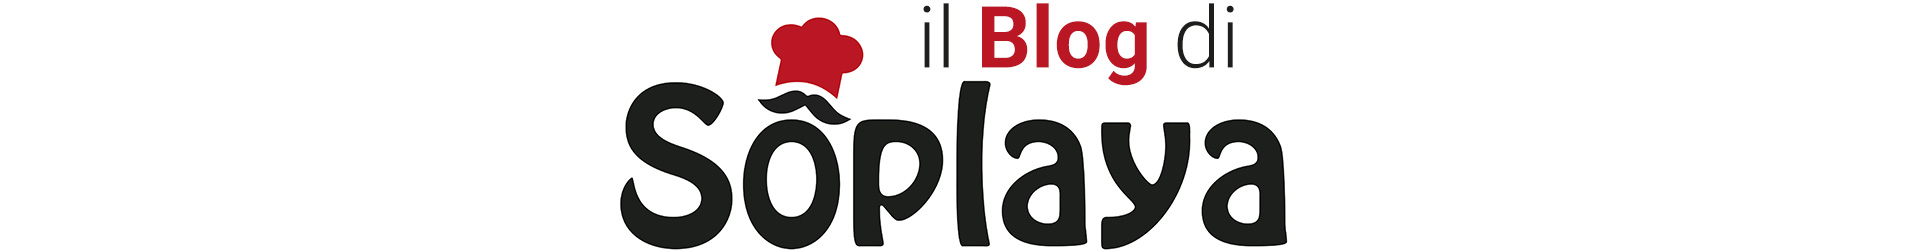 Blog di Soplaya